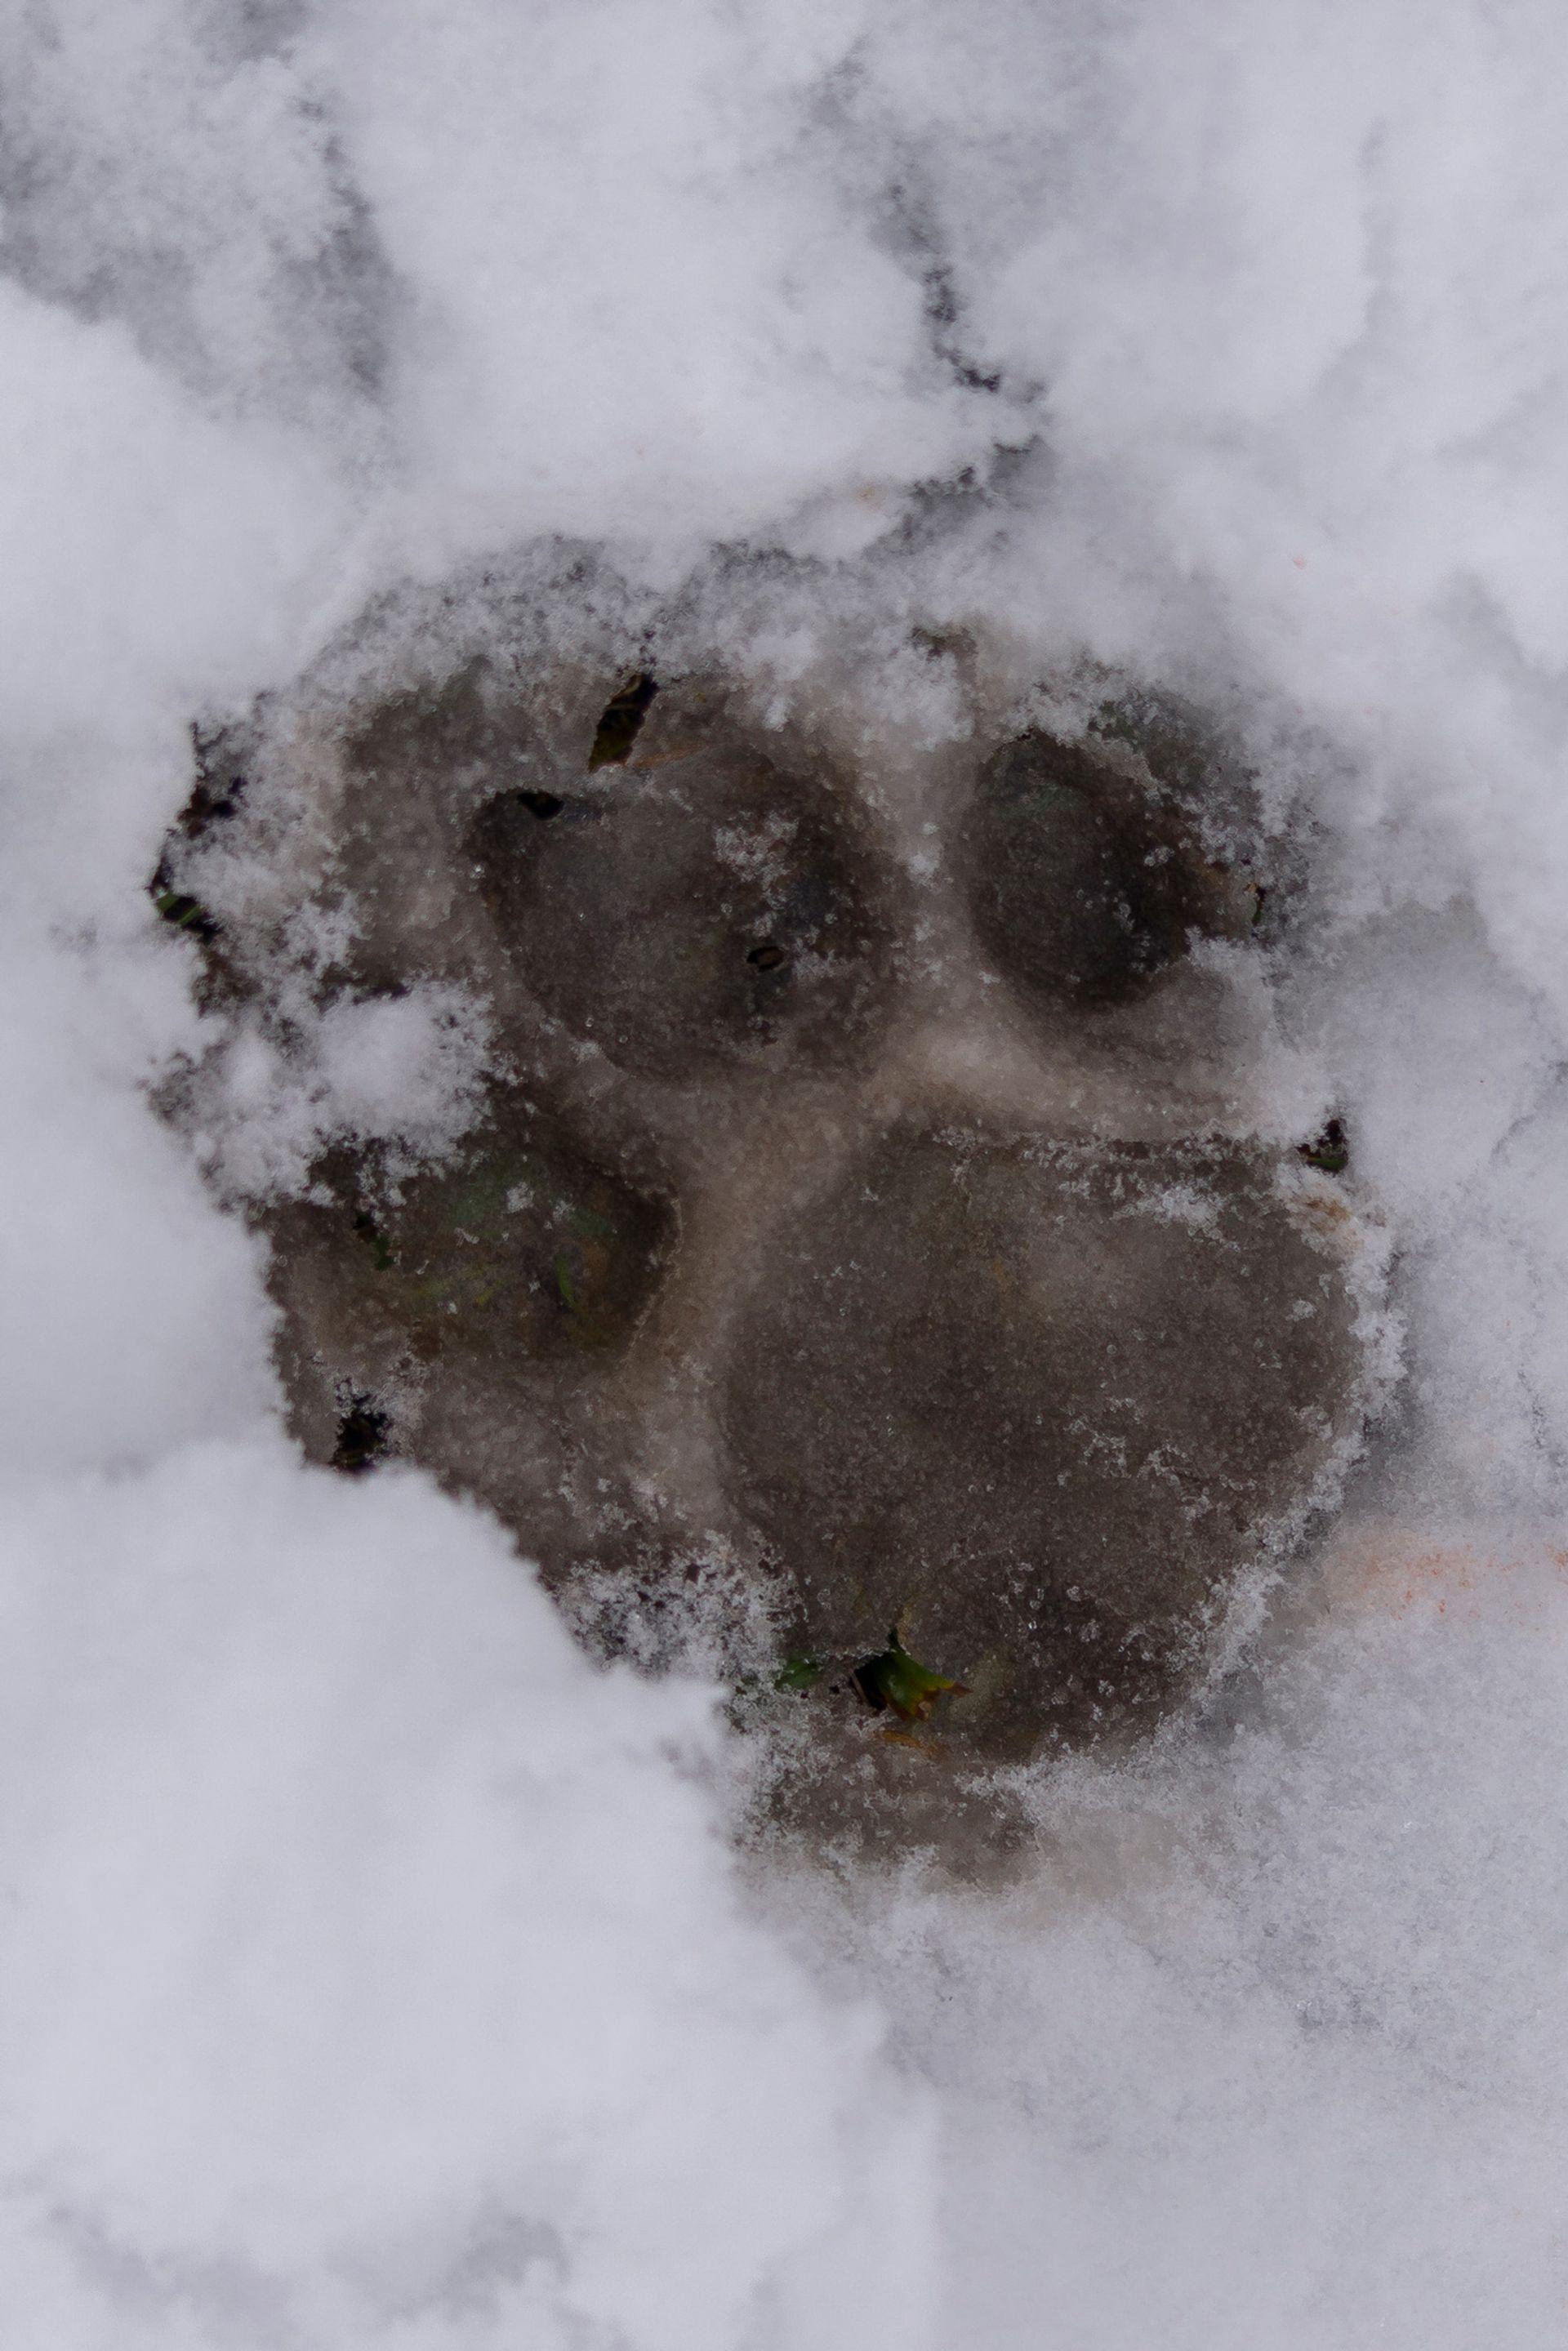 Las huellas de los felinos son importantes indicios para detectar su presencia.